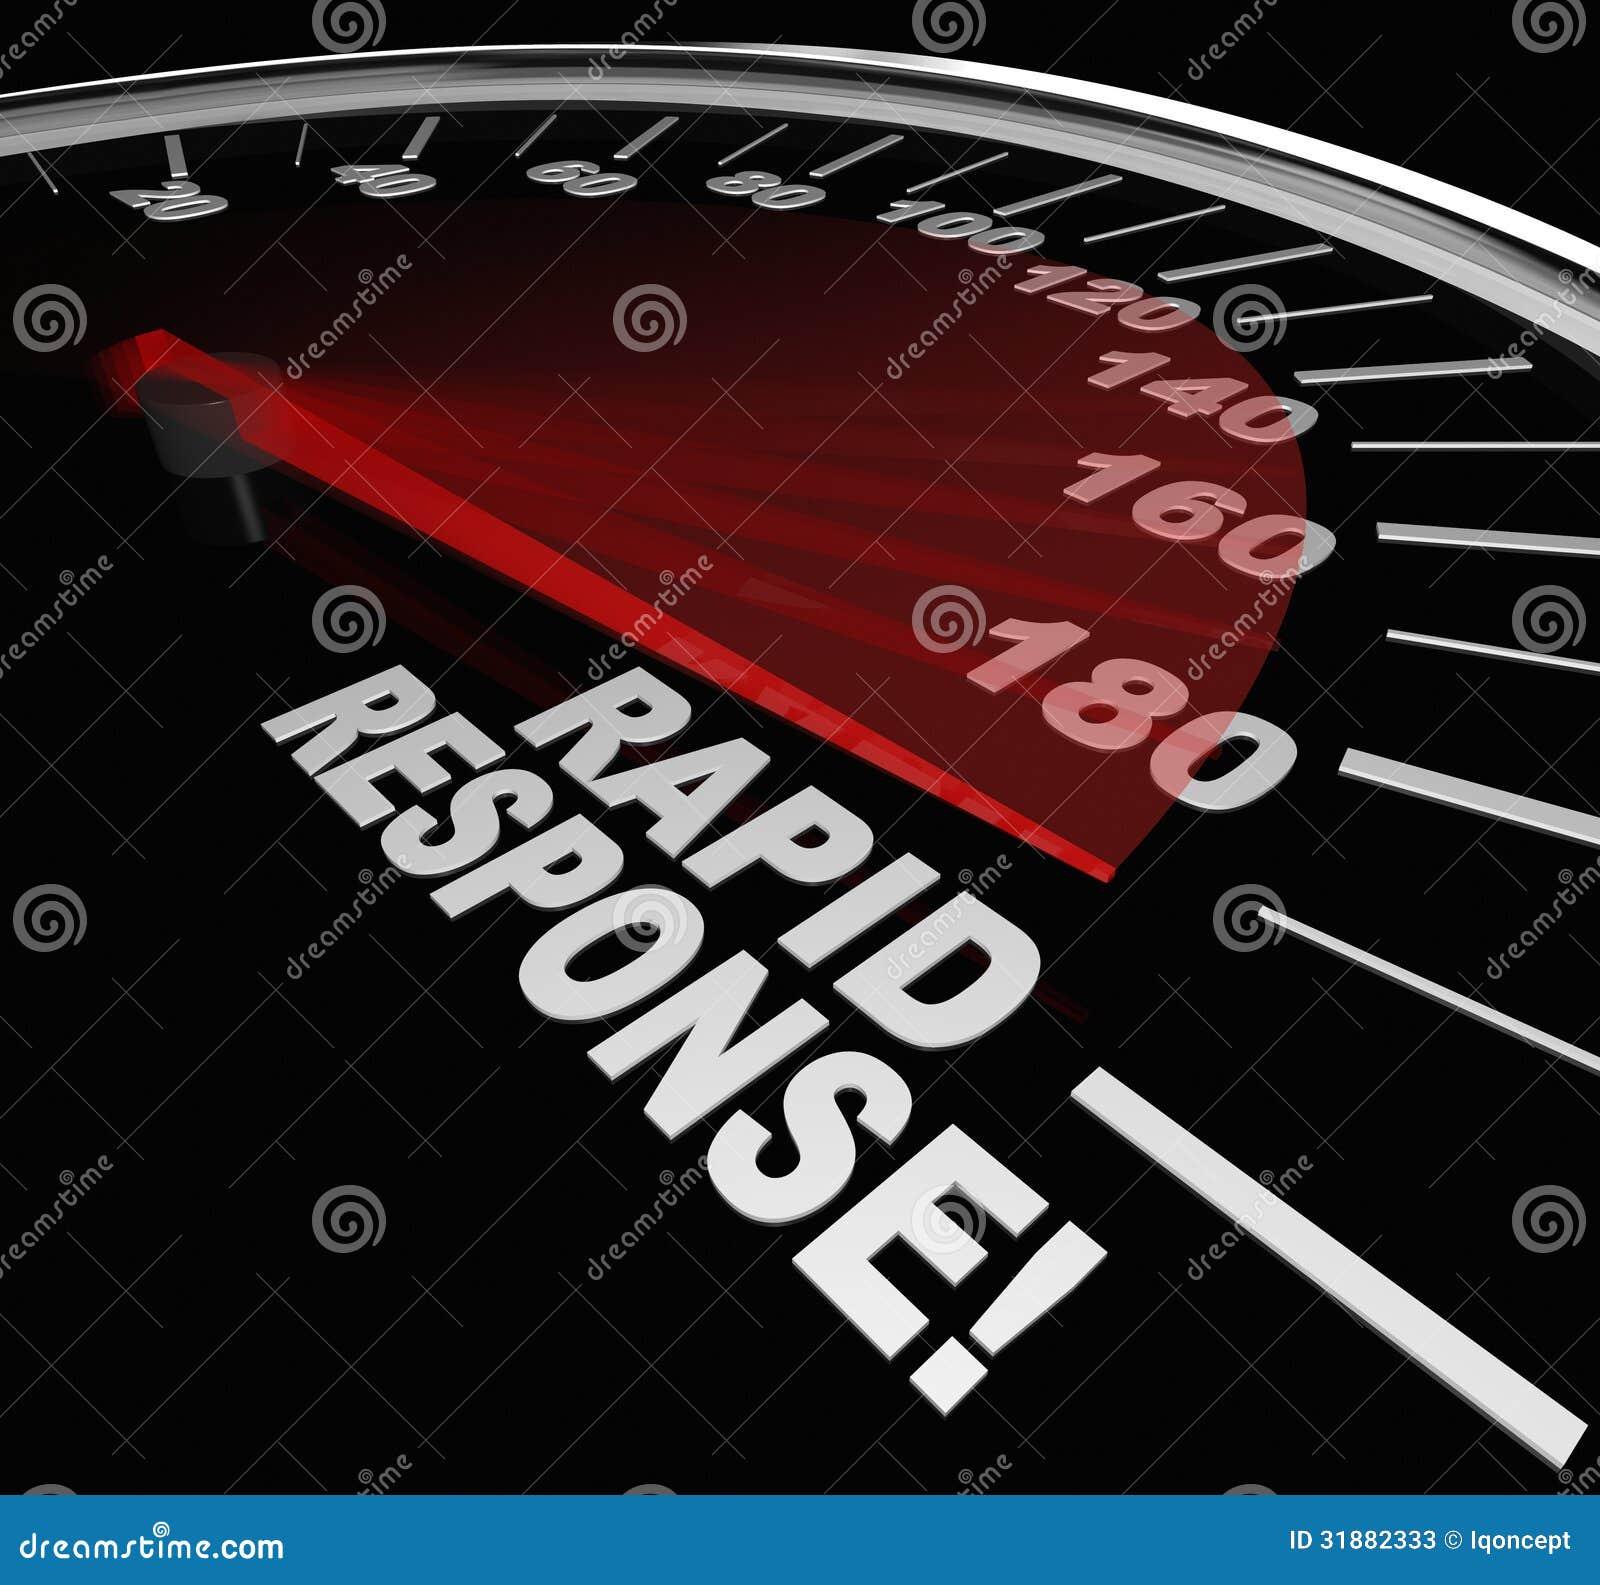 Γρήγορη υπηρεσία κρίσης έκτακτης ανάγκης ταχυμέτρων απάντησης